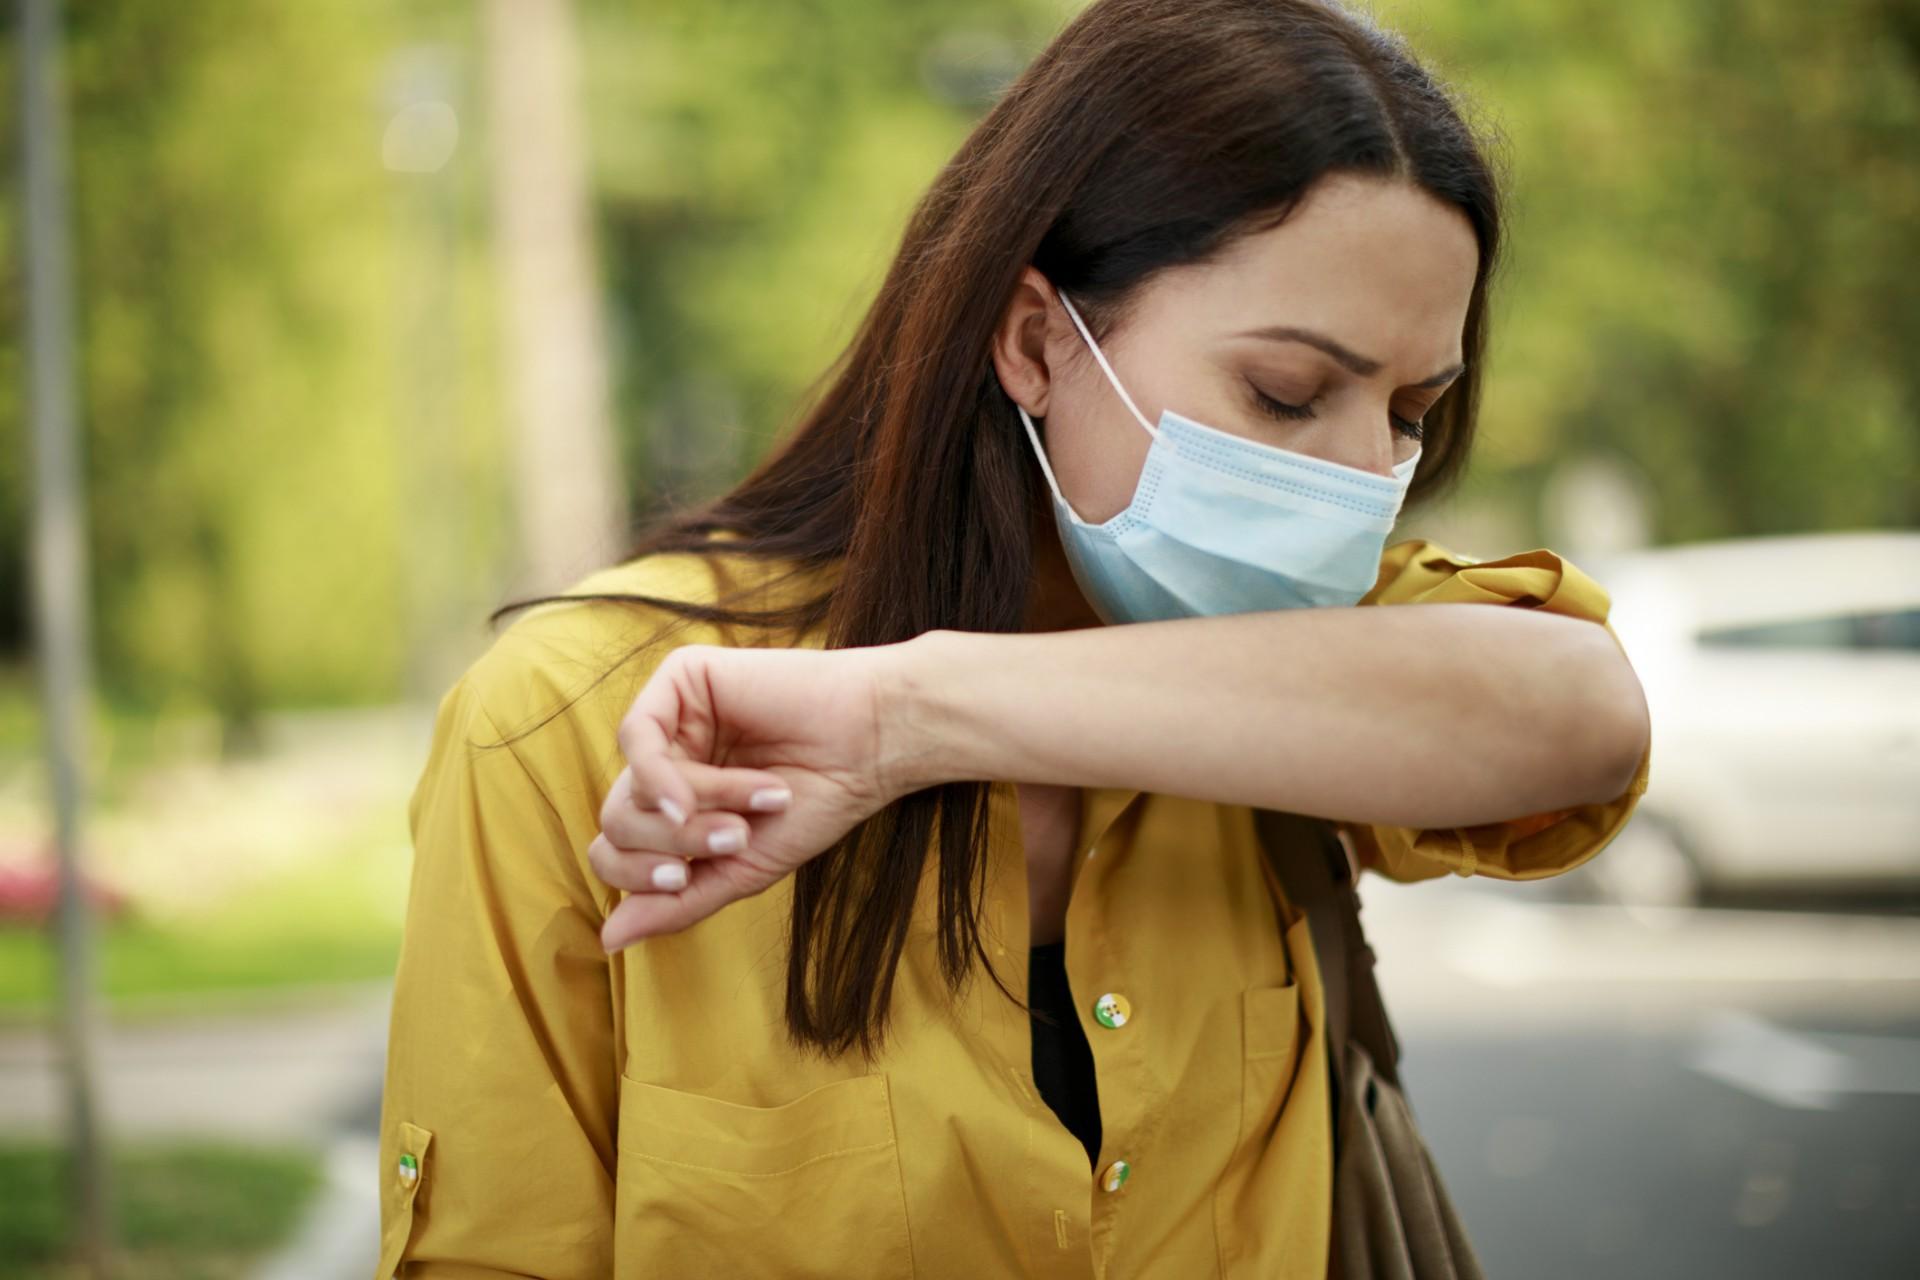 Após tossir ou espirrar, a recomendação é trocar a máscara, com a devida higienização das mãos